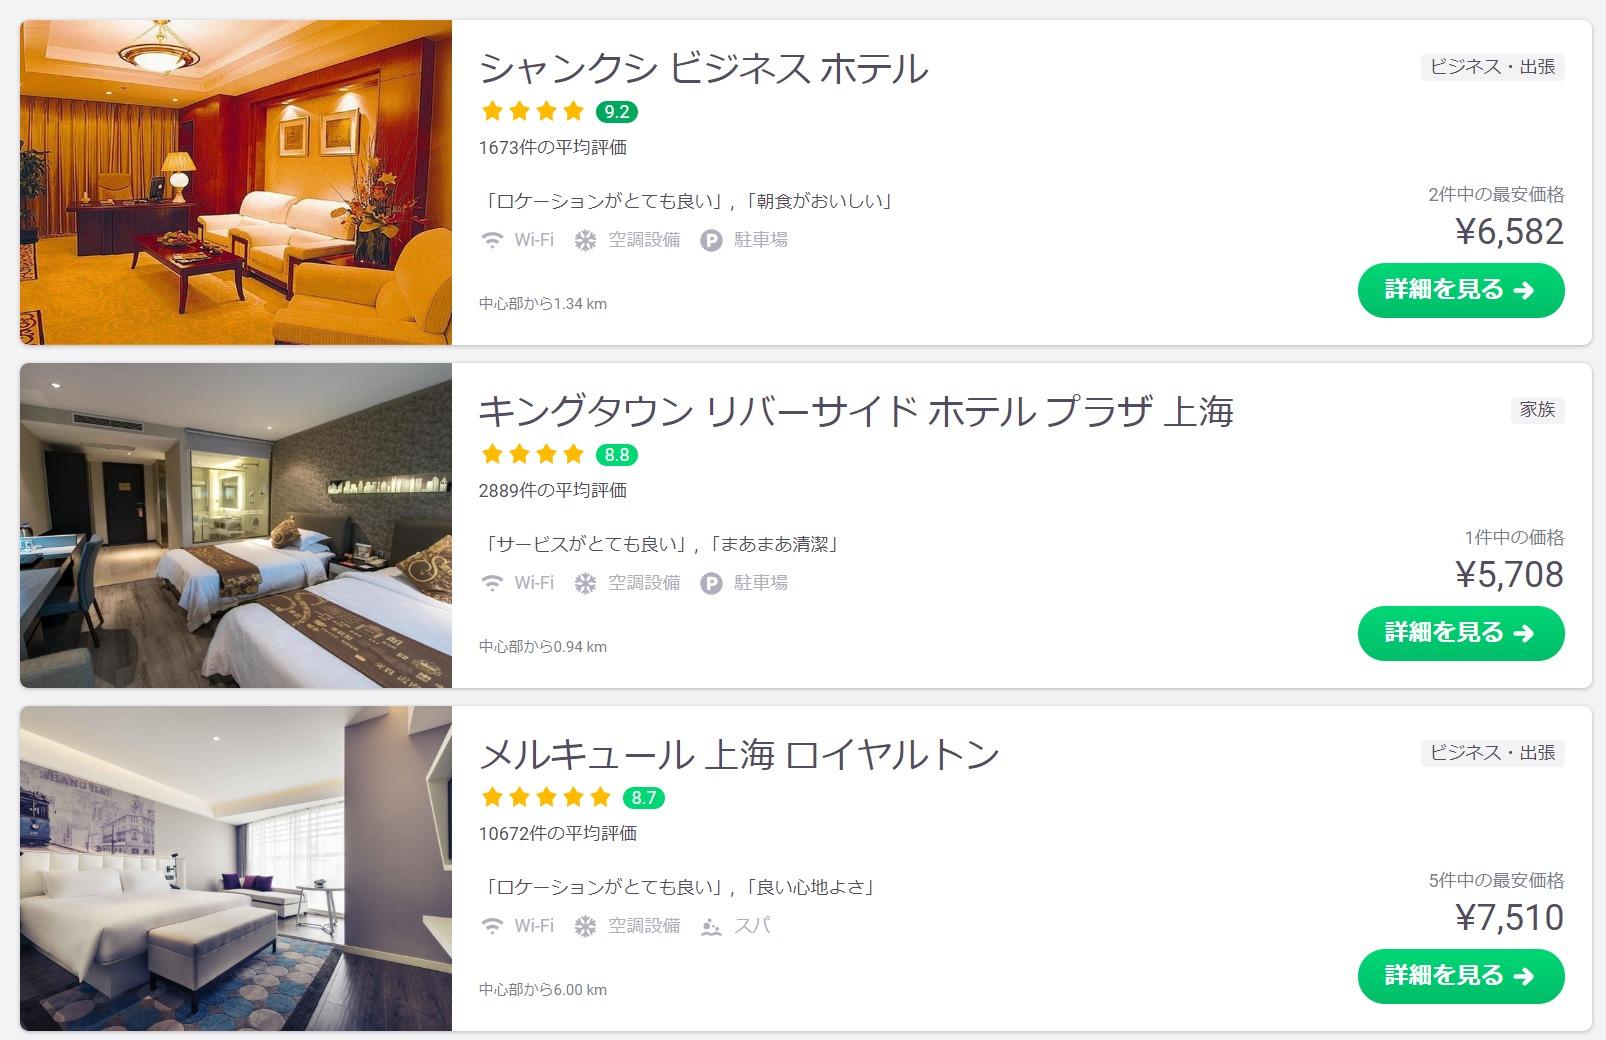 上海のホテル値段